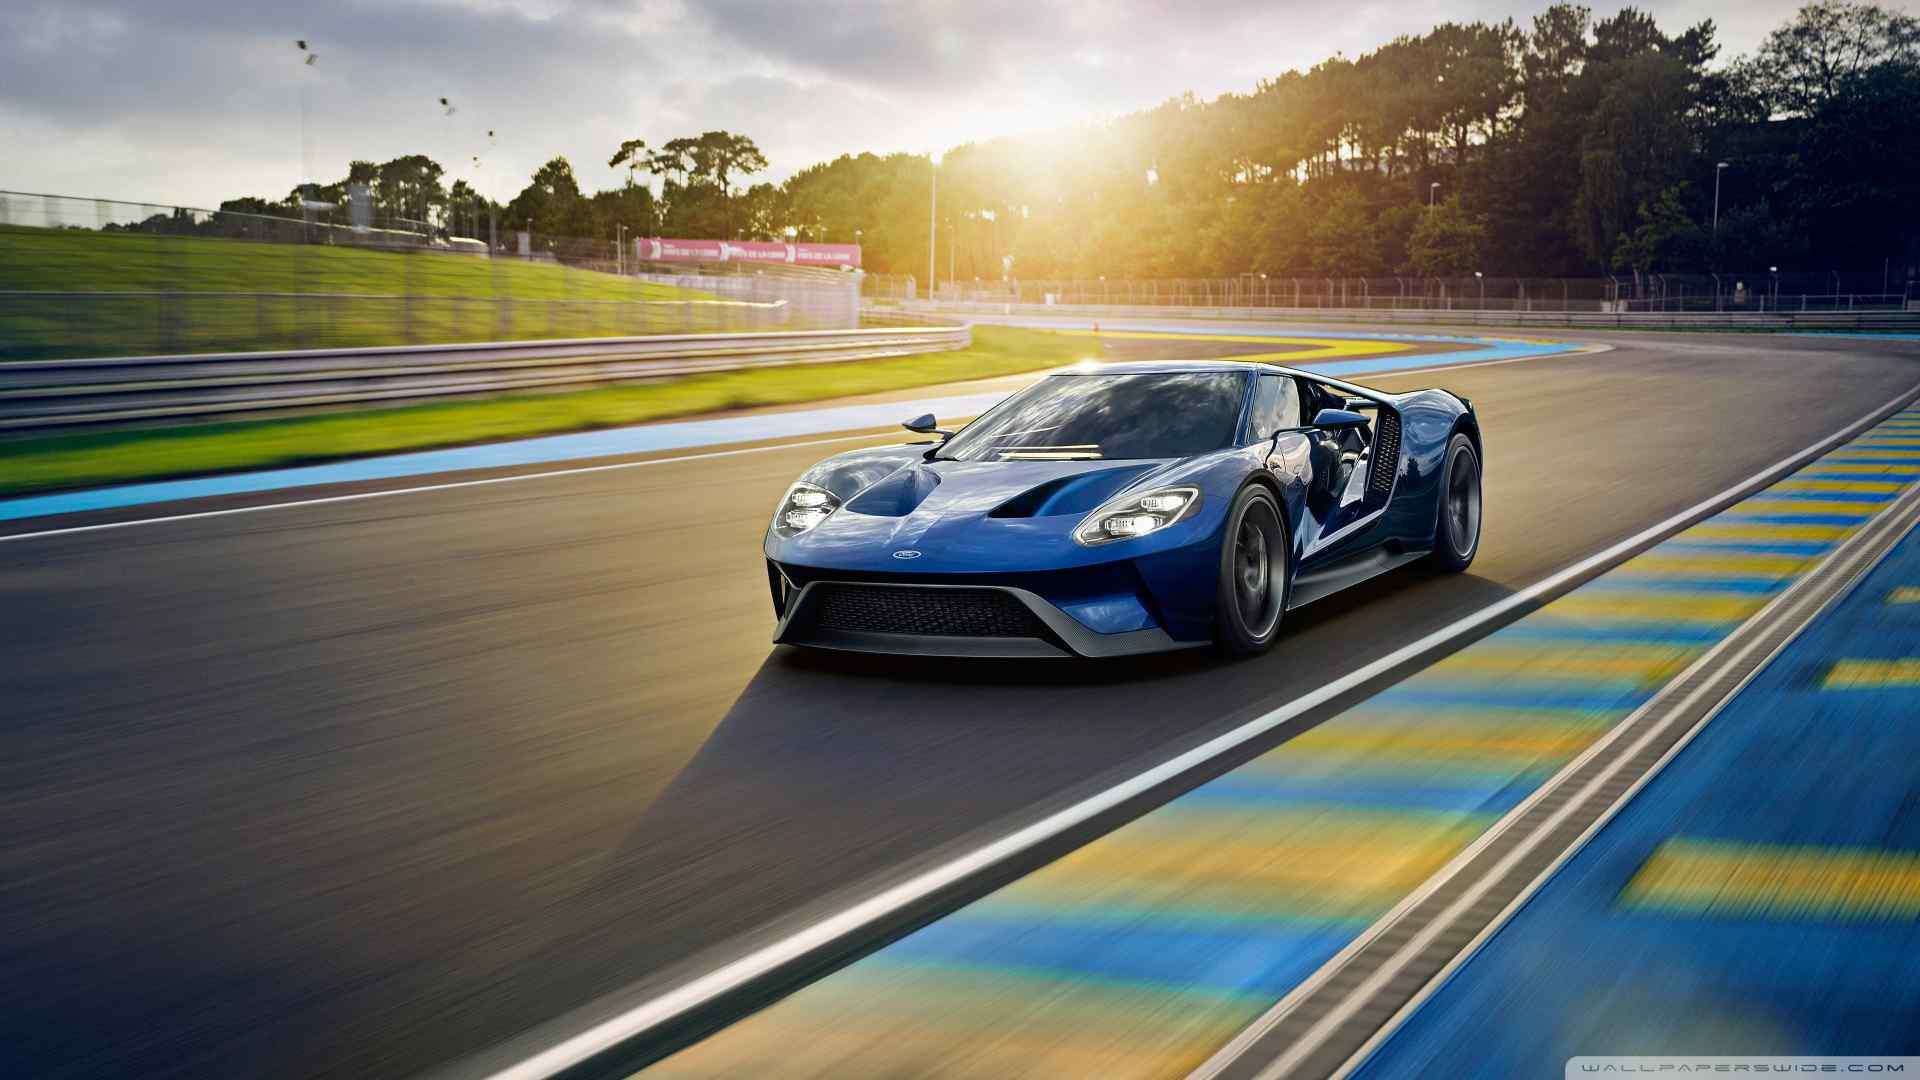 福特GT跑车壁纸